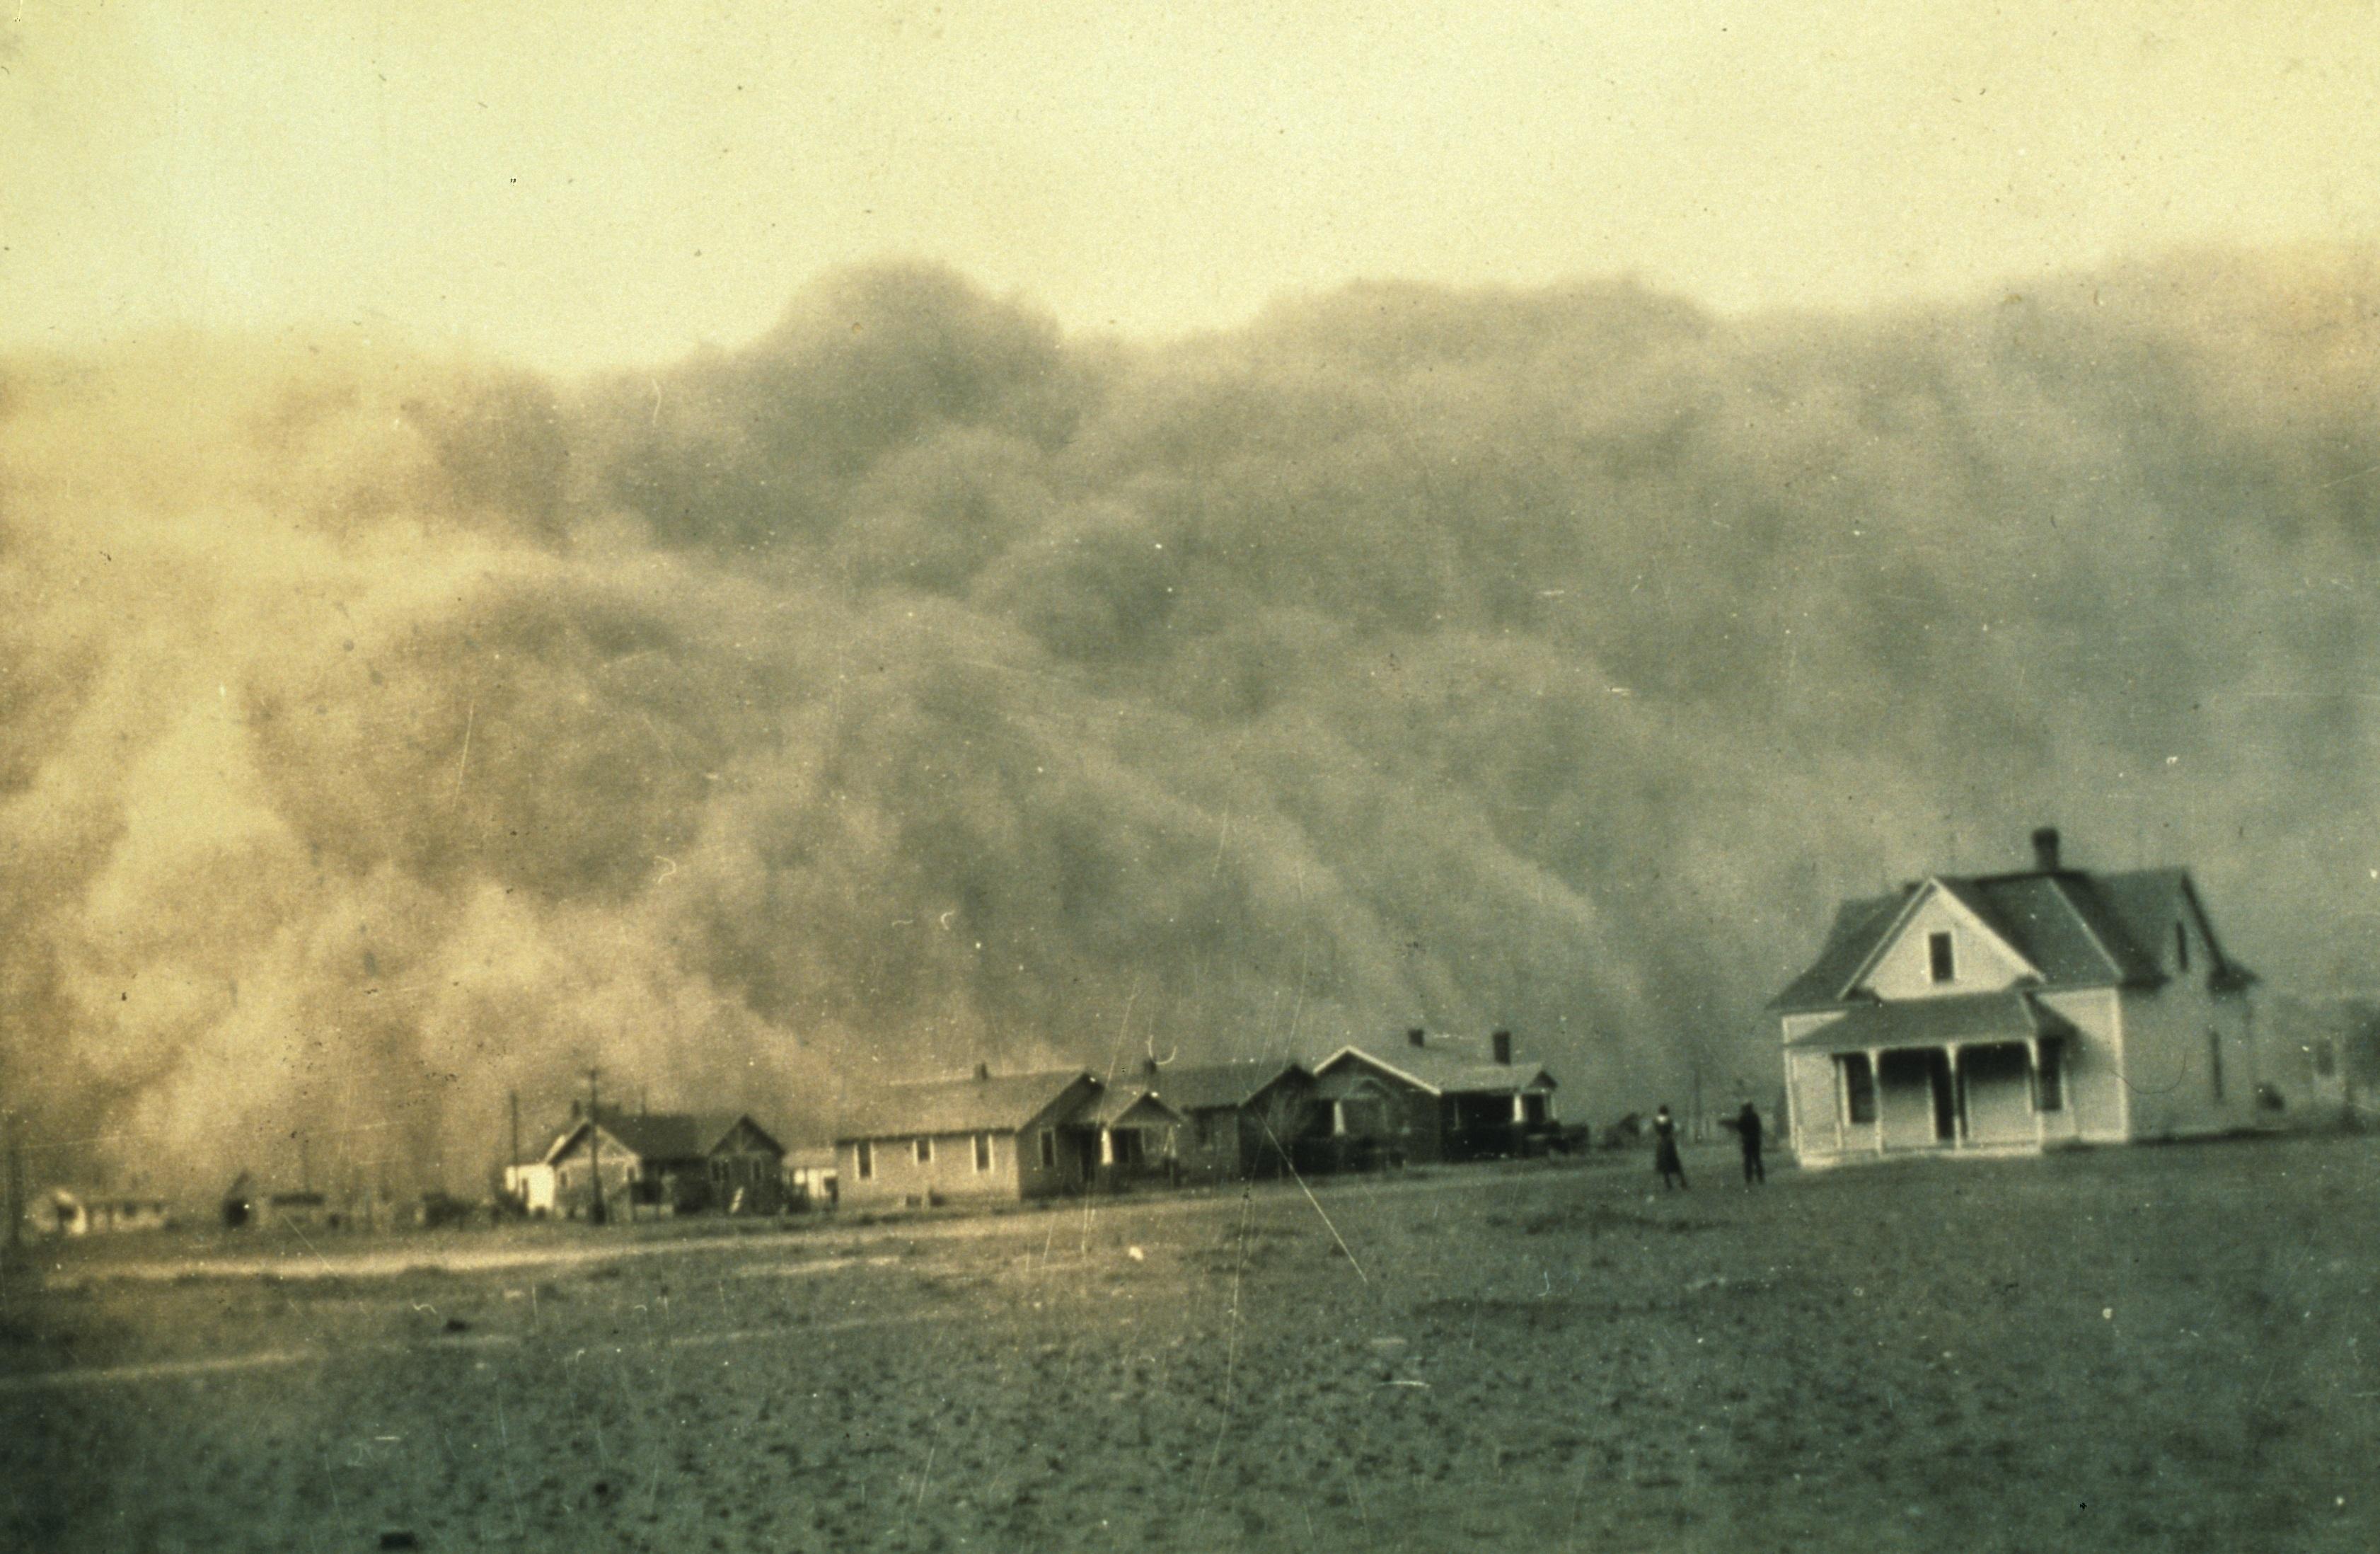 図2:1935年に、テキサス州スタートフォード付近で観測されたダストストーム